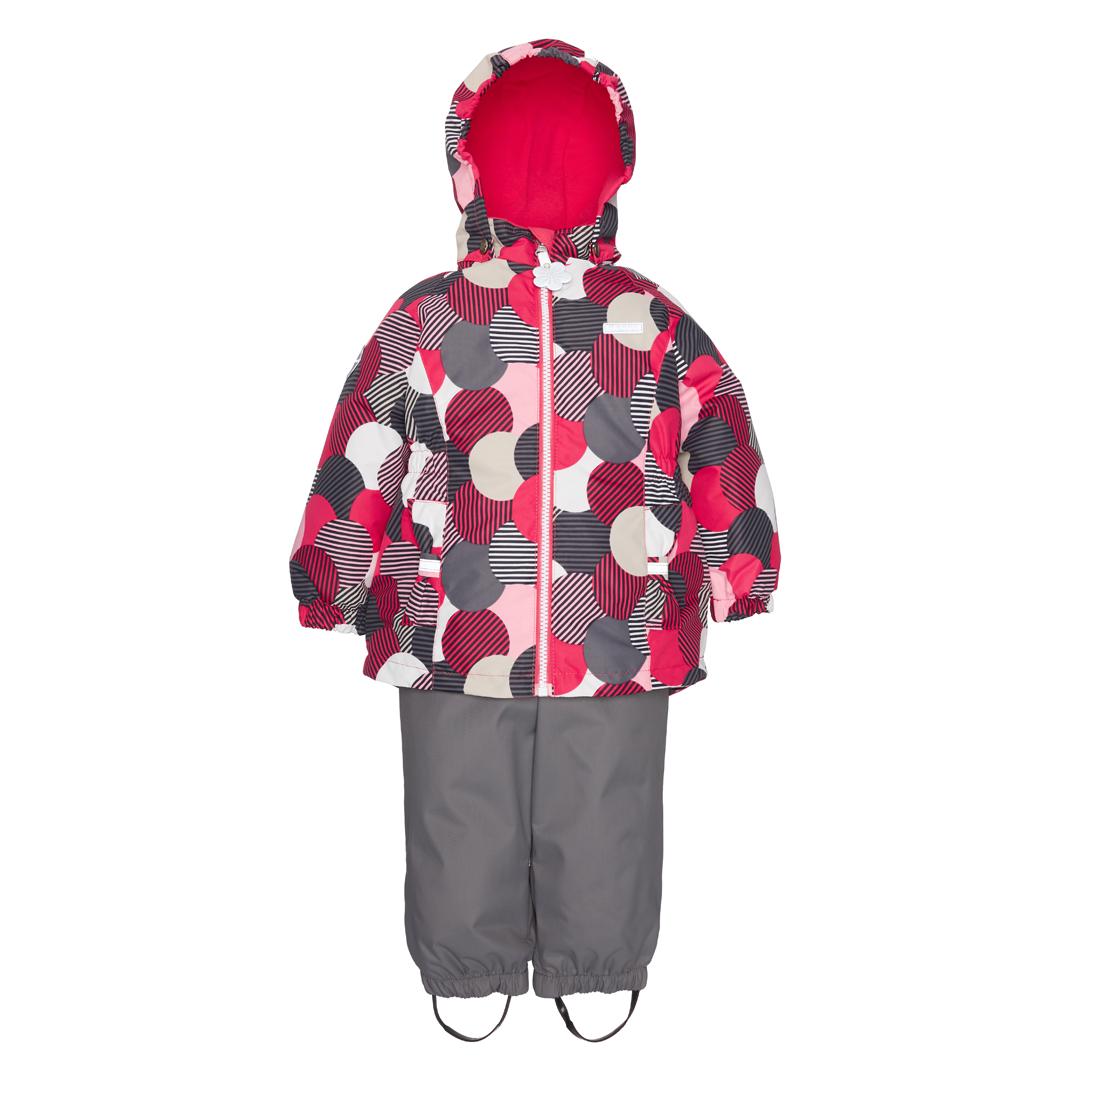 Комплект для девочек KERRY BRI K19013, размер